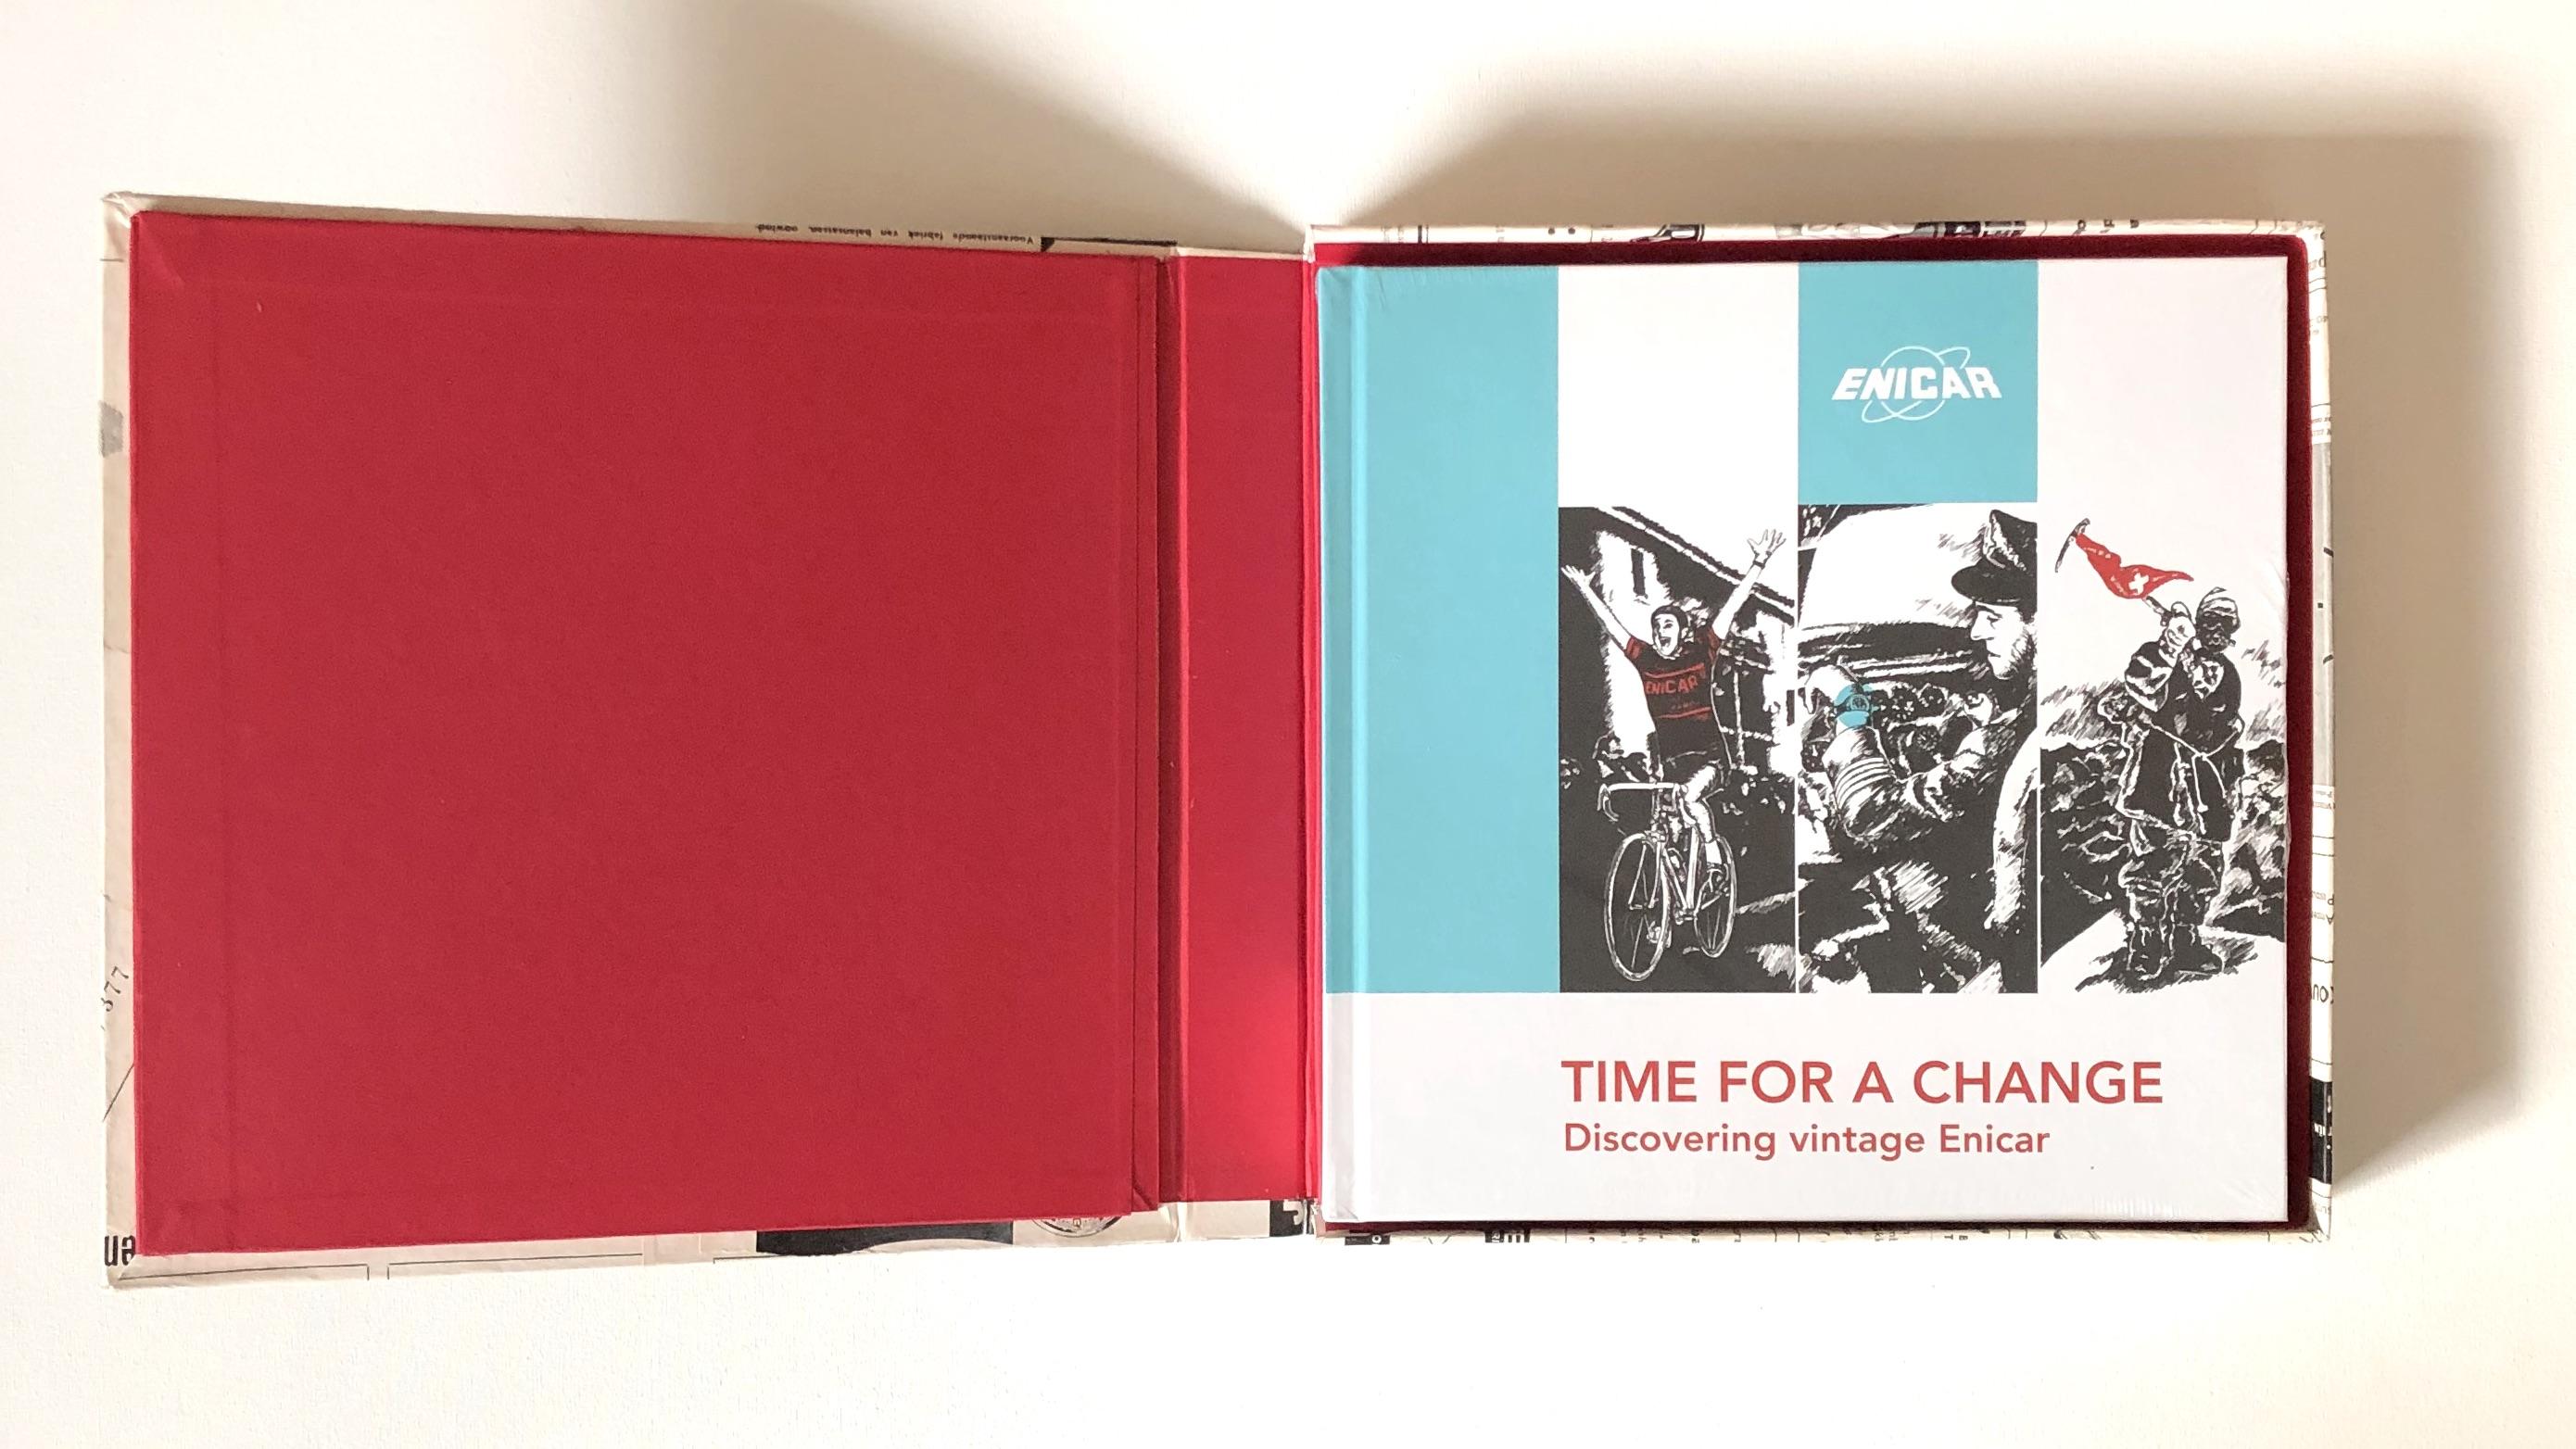 Enicar book giftbox December present